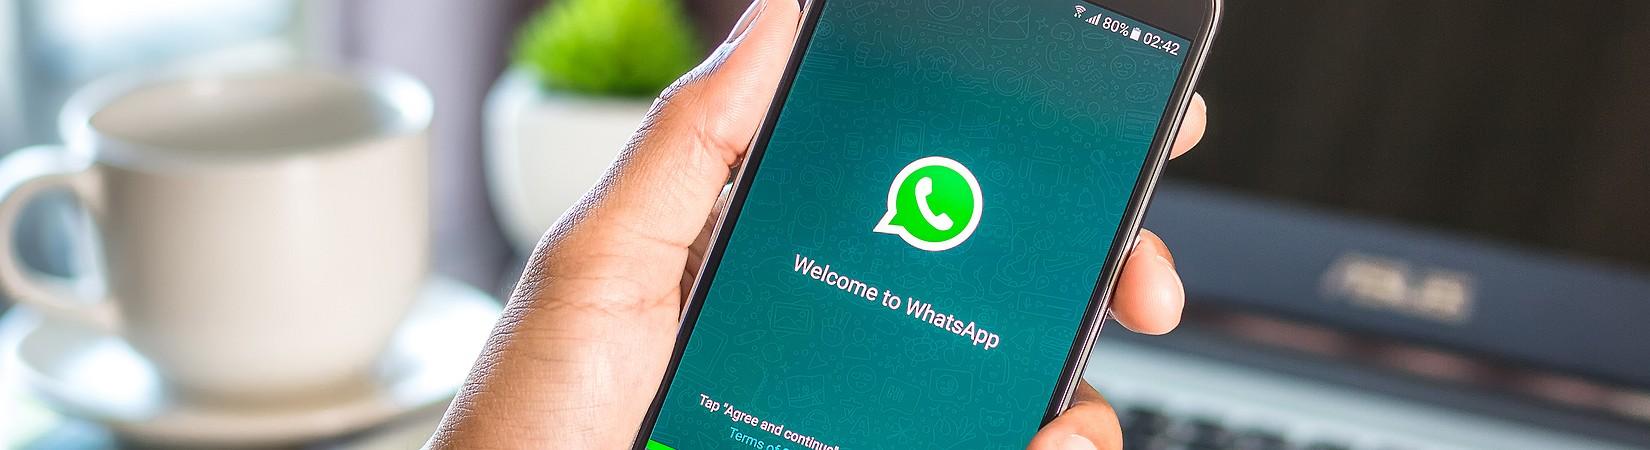 В Китае частично заблокирован WhatsApp